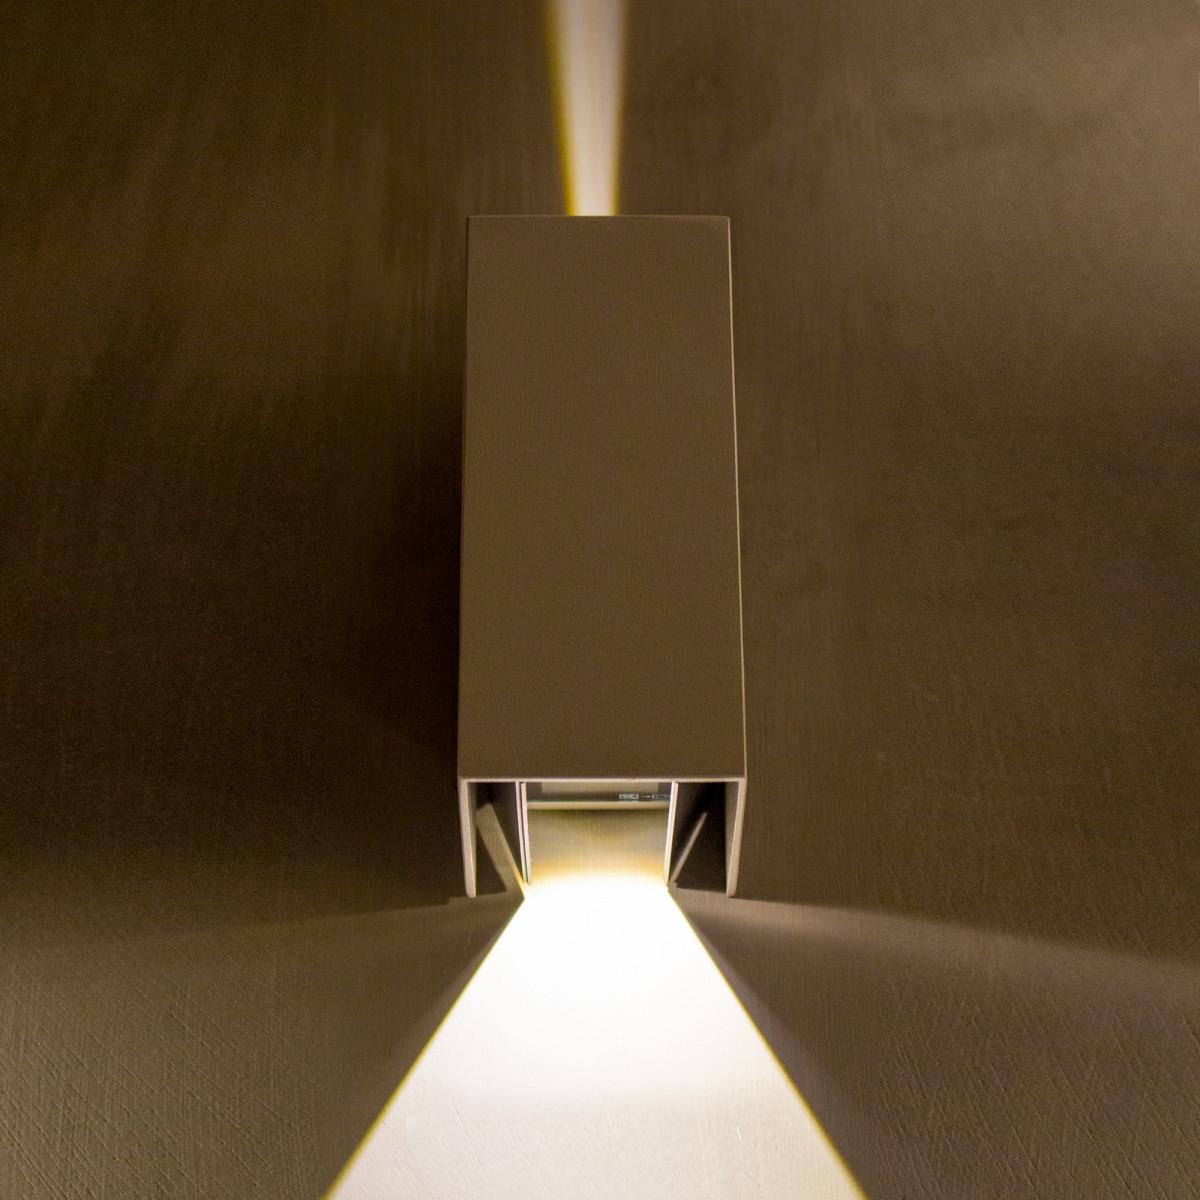 Zwarte led wandspot, rechthoekige buitenwandlamp voor accentverlichting, de lichtbundel is door schuifjes zelf in te stellen, wandspot voor buiten met geïntegreerd led